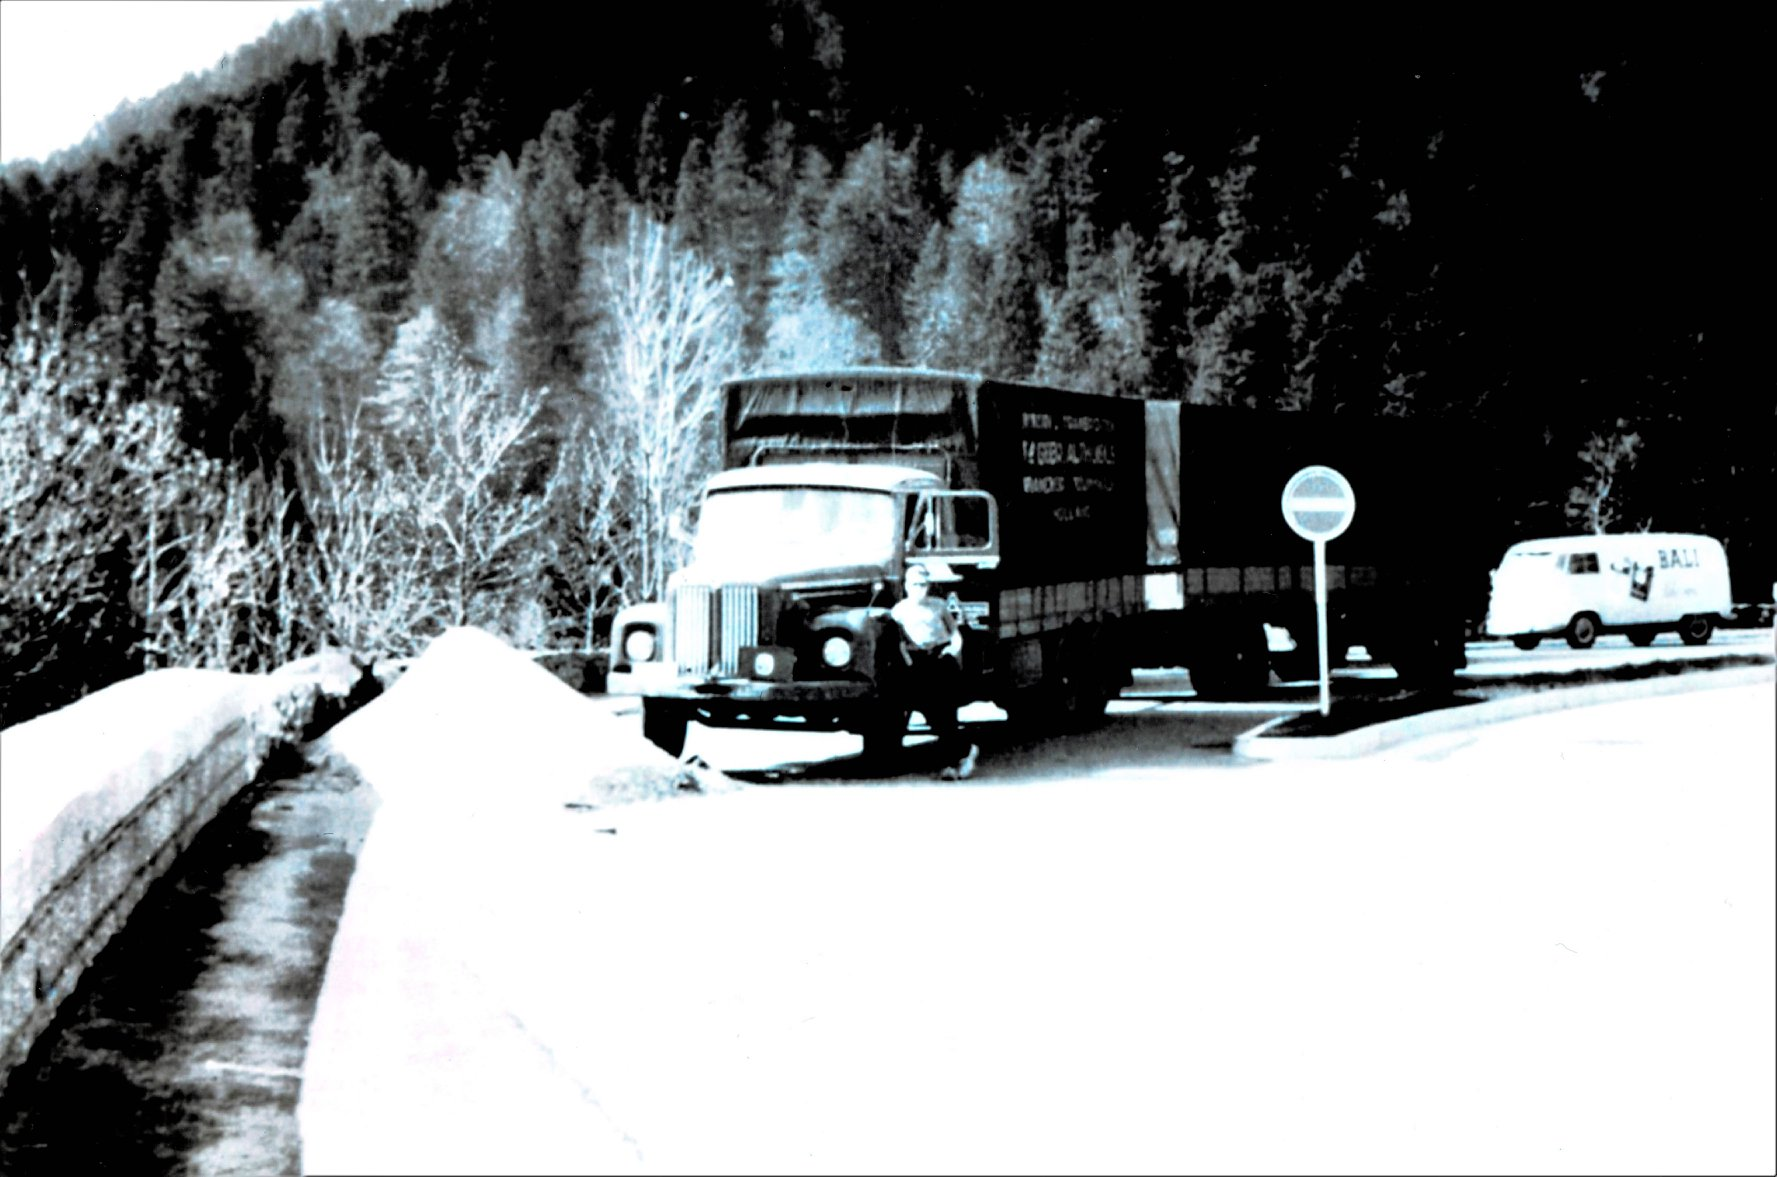 Althuisius-uit-Franeker-en-Tzummarum-in-de-sneeuw-bij-de-Brennerpas.